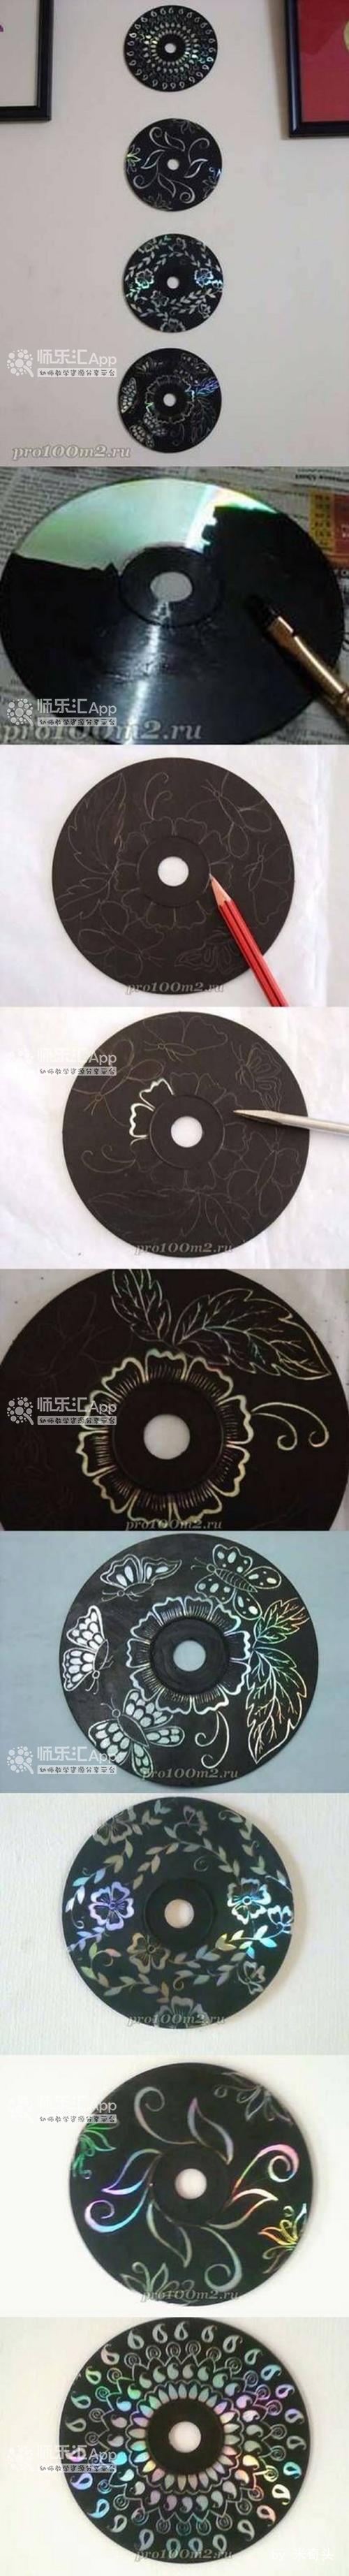 废物光碟利用